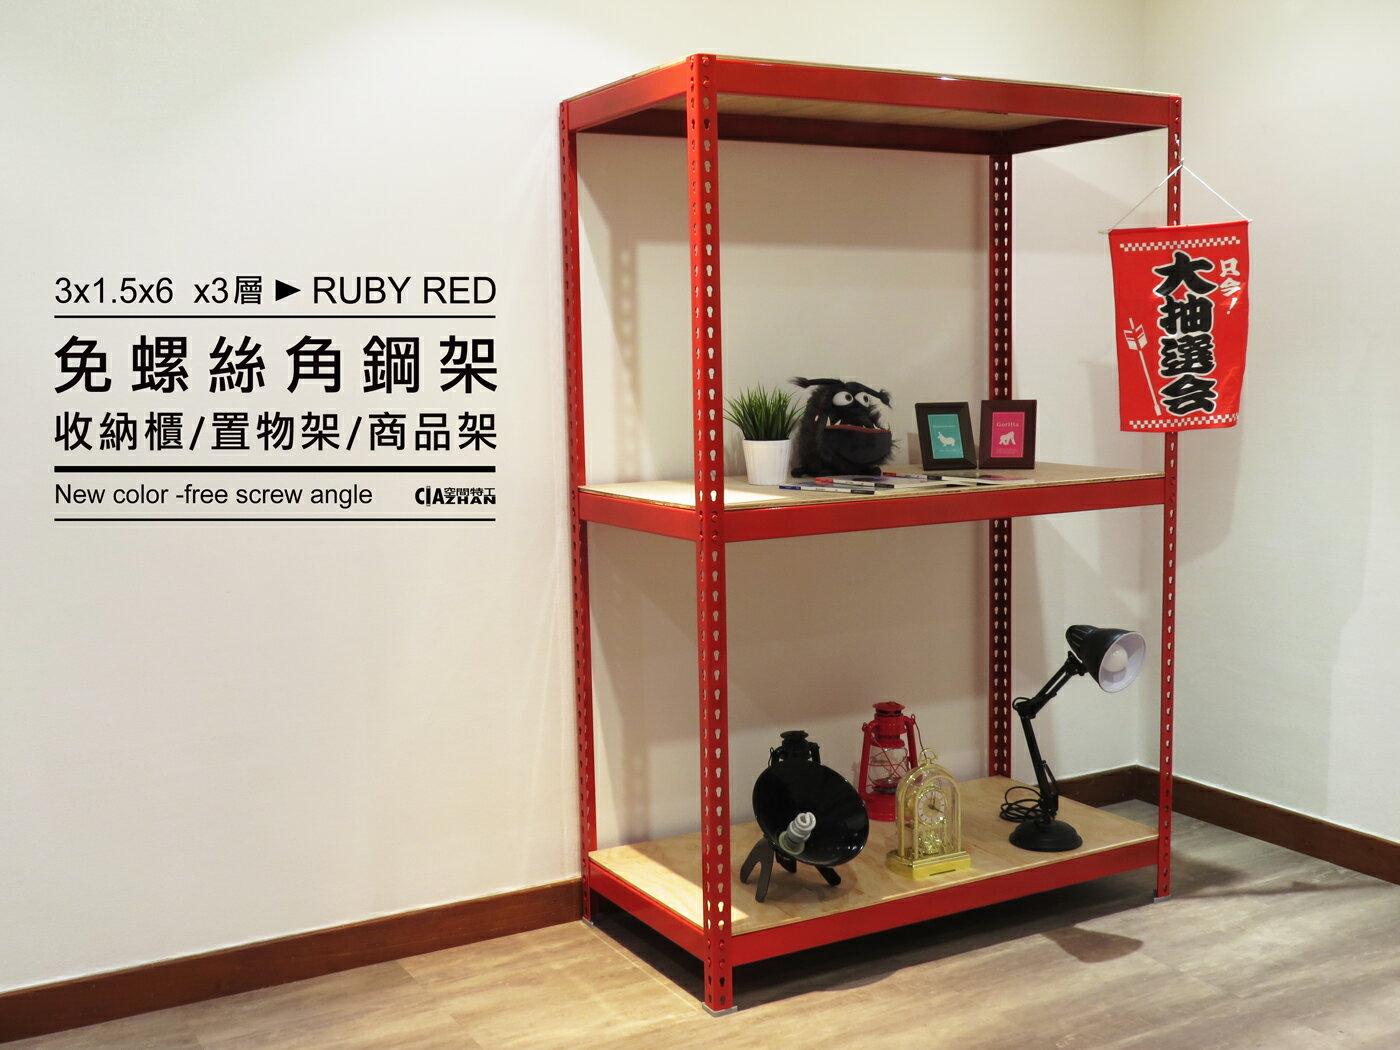 diy組合架♞空間特工♞收納架 書架 鞋櫃 (長3尺x深1.5尺x3層,高6尺 )書櫃 電視櫃 寶石紅置物架 - 限時優惠好康折扣